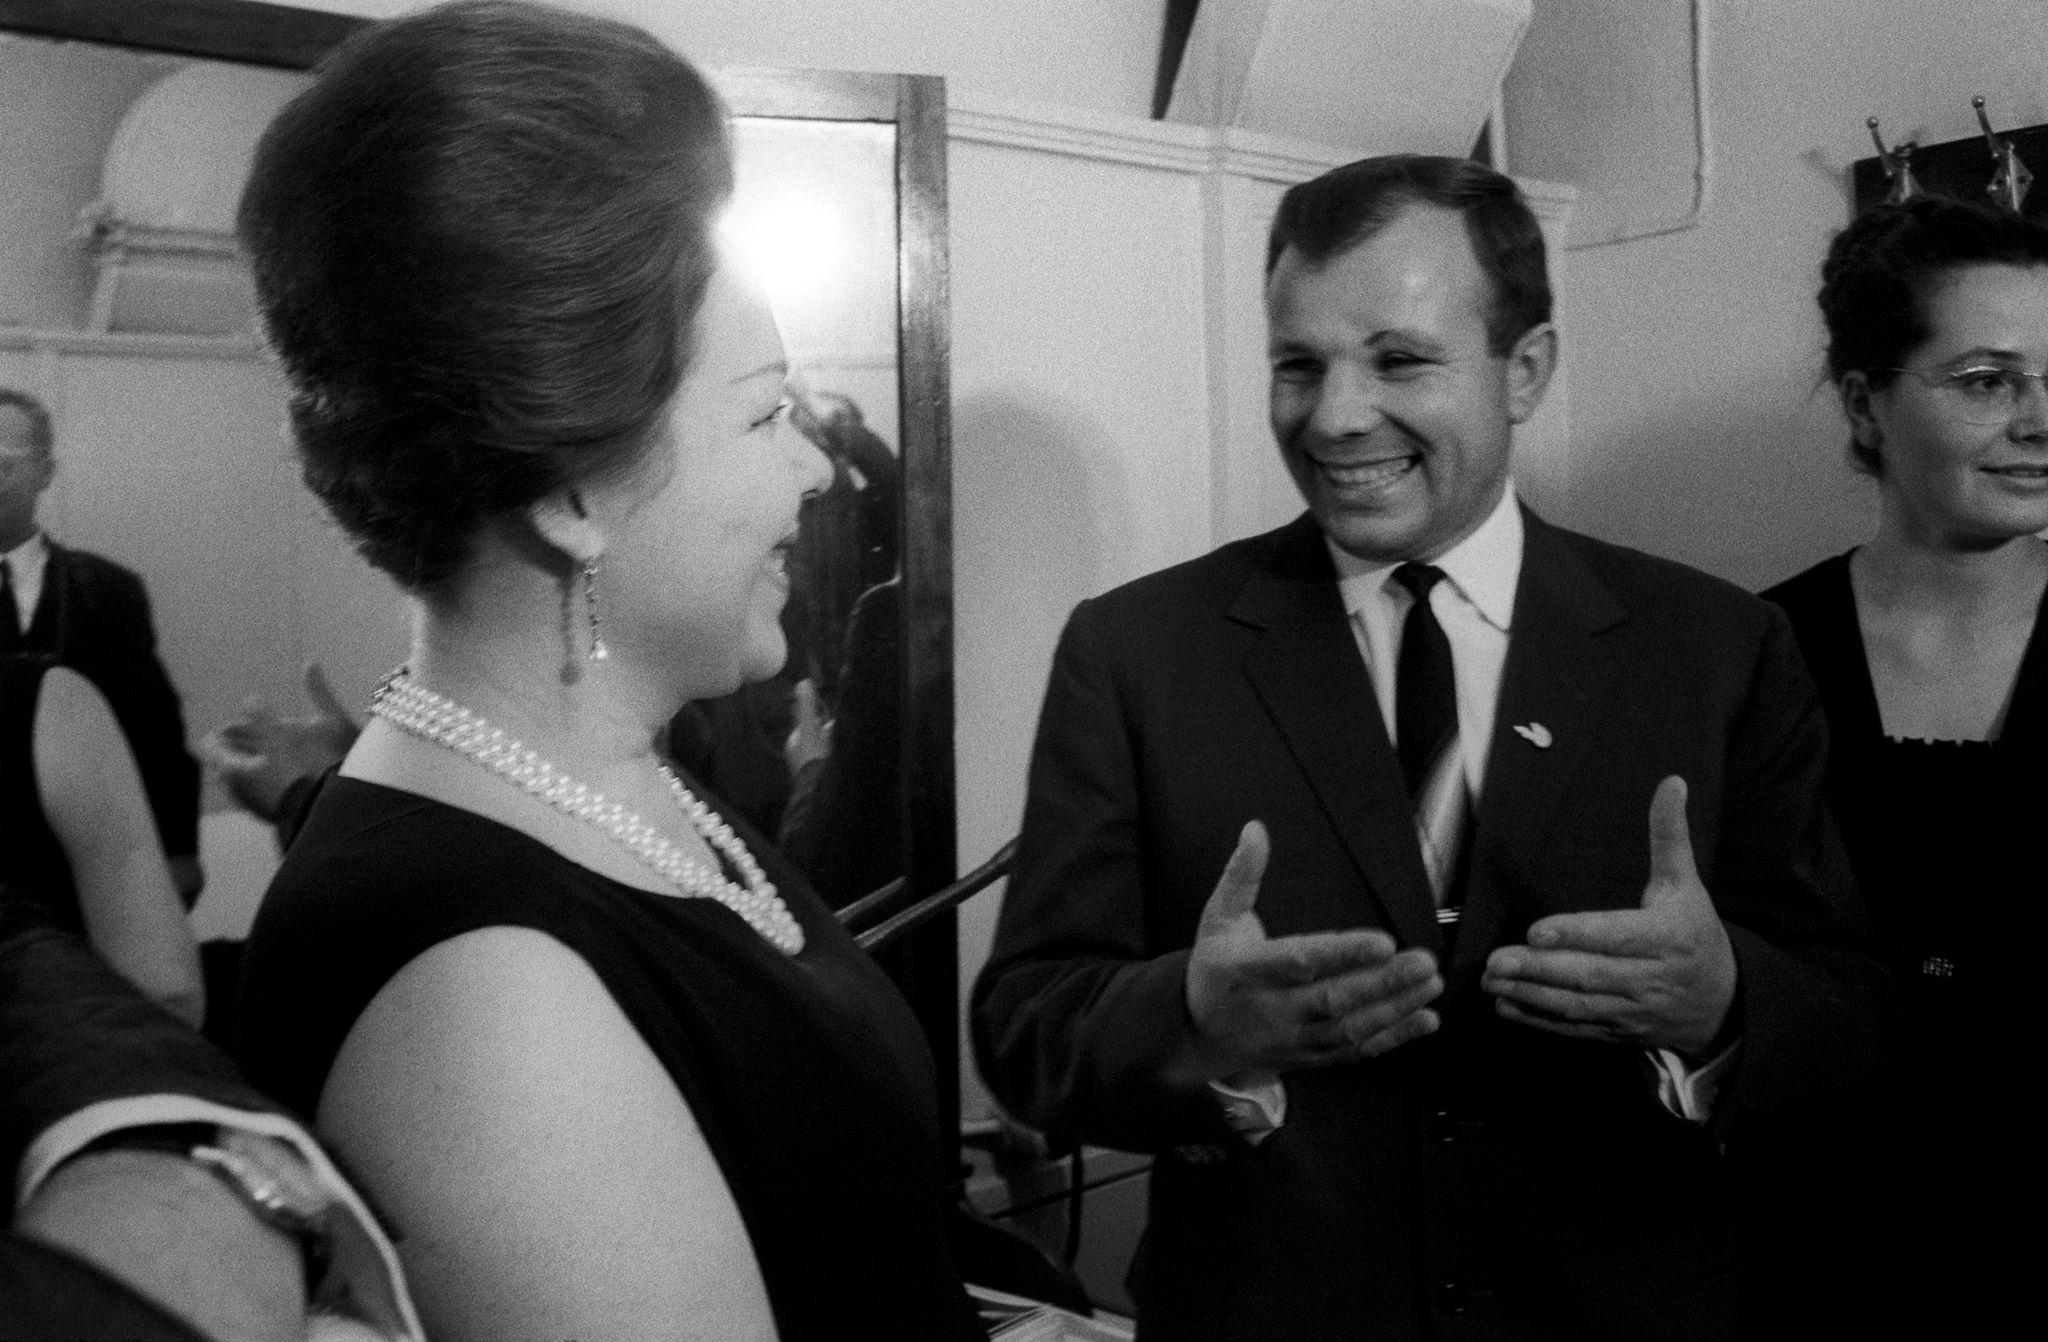 Рената Скотто улыбается и разговаривает с советским астронавтом Юрием Гагариным; слева, его жена Валентина Горячева.png